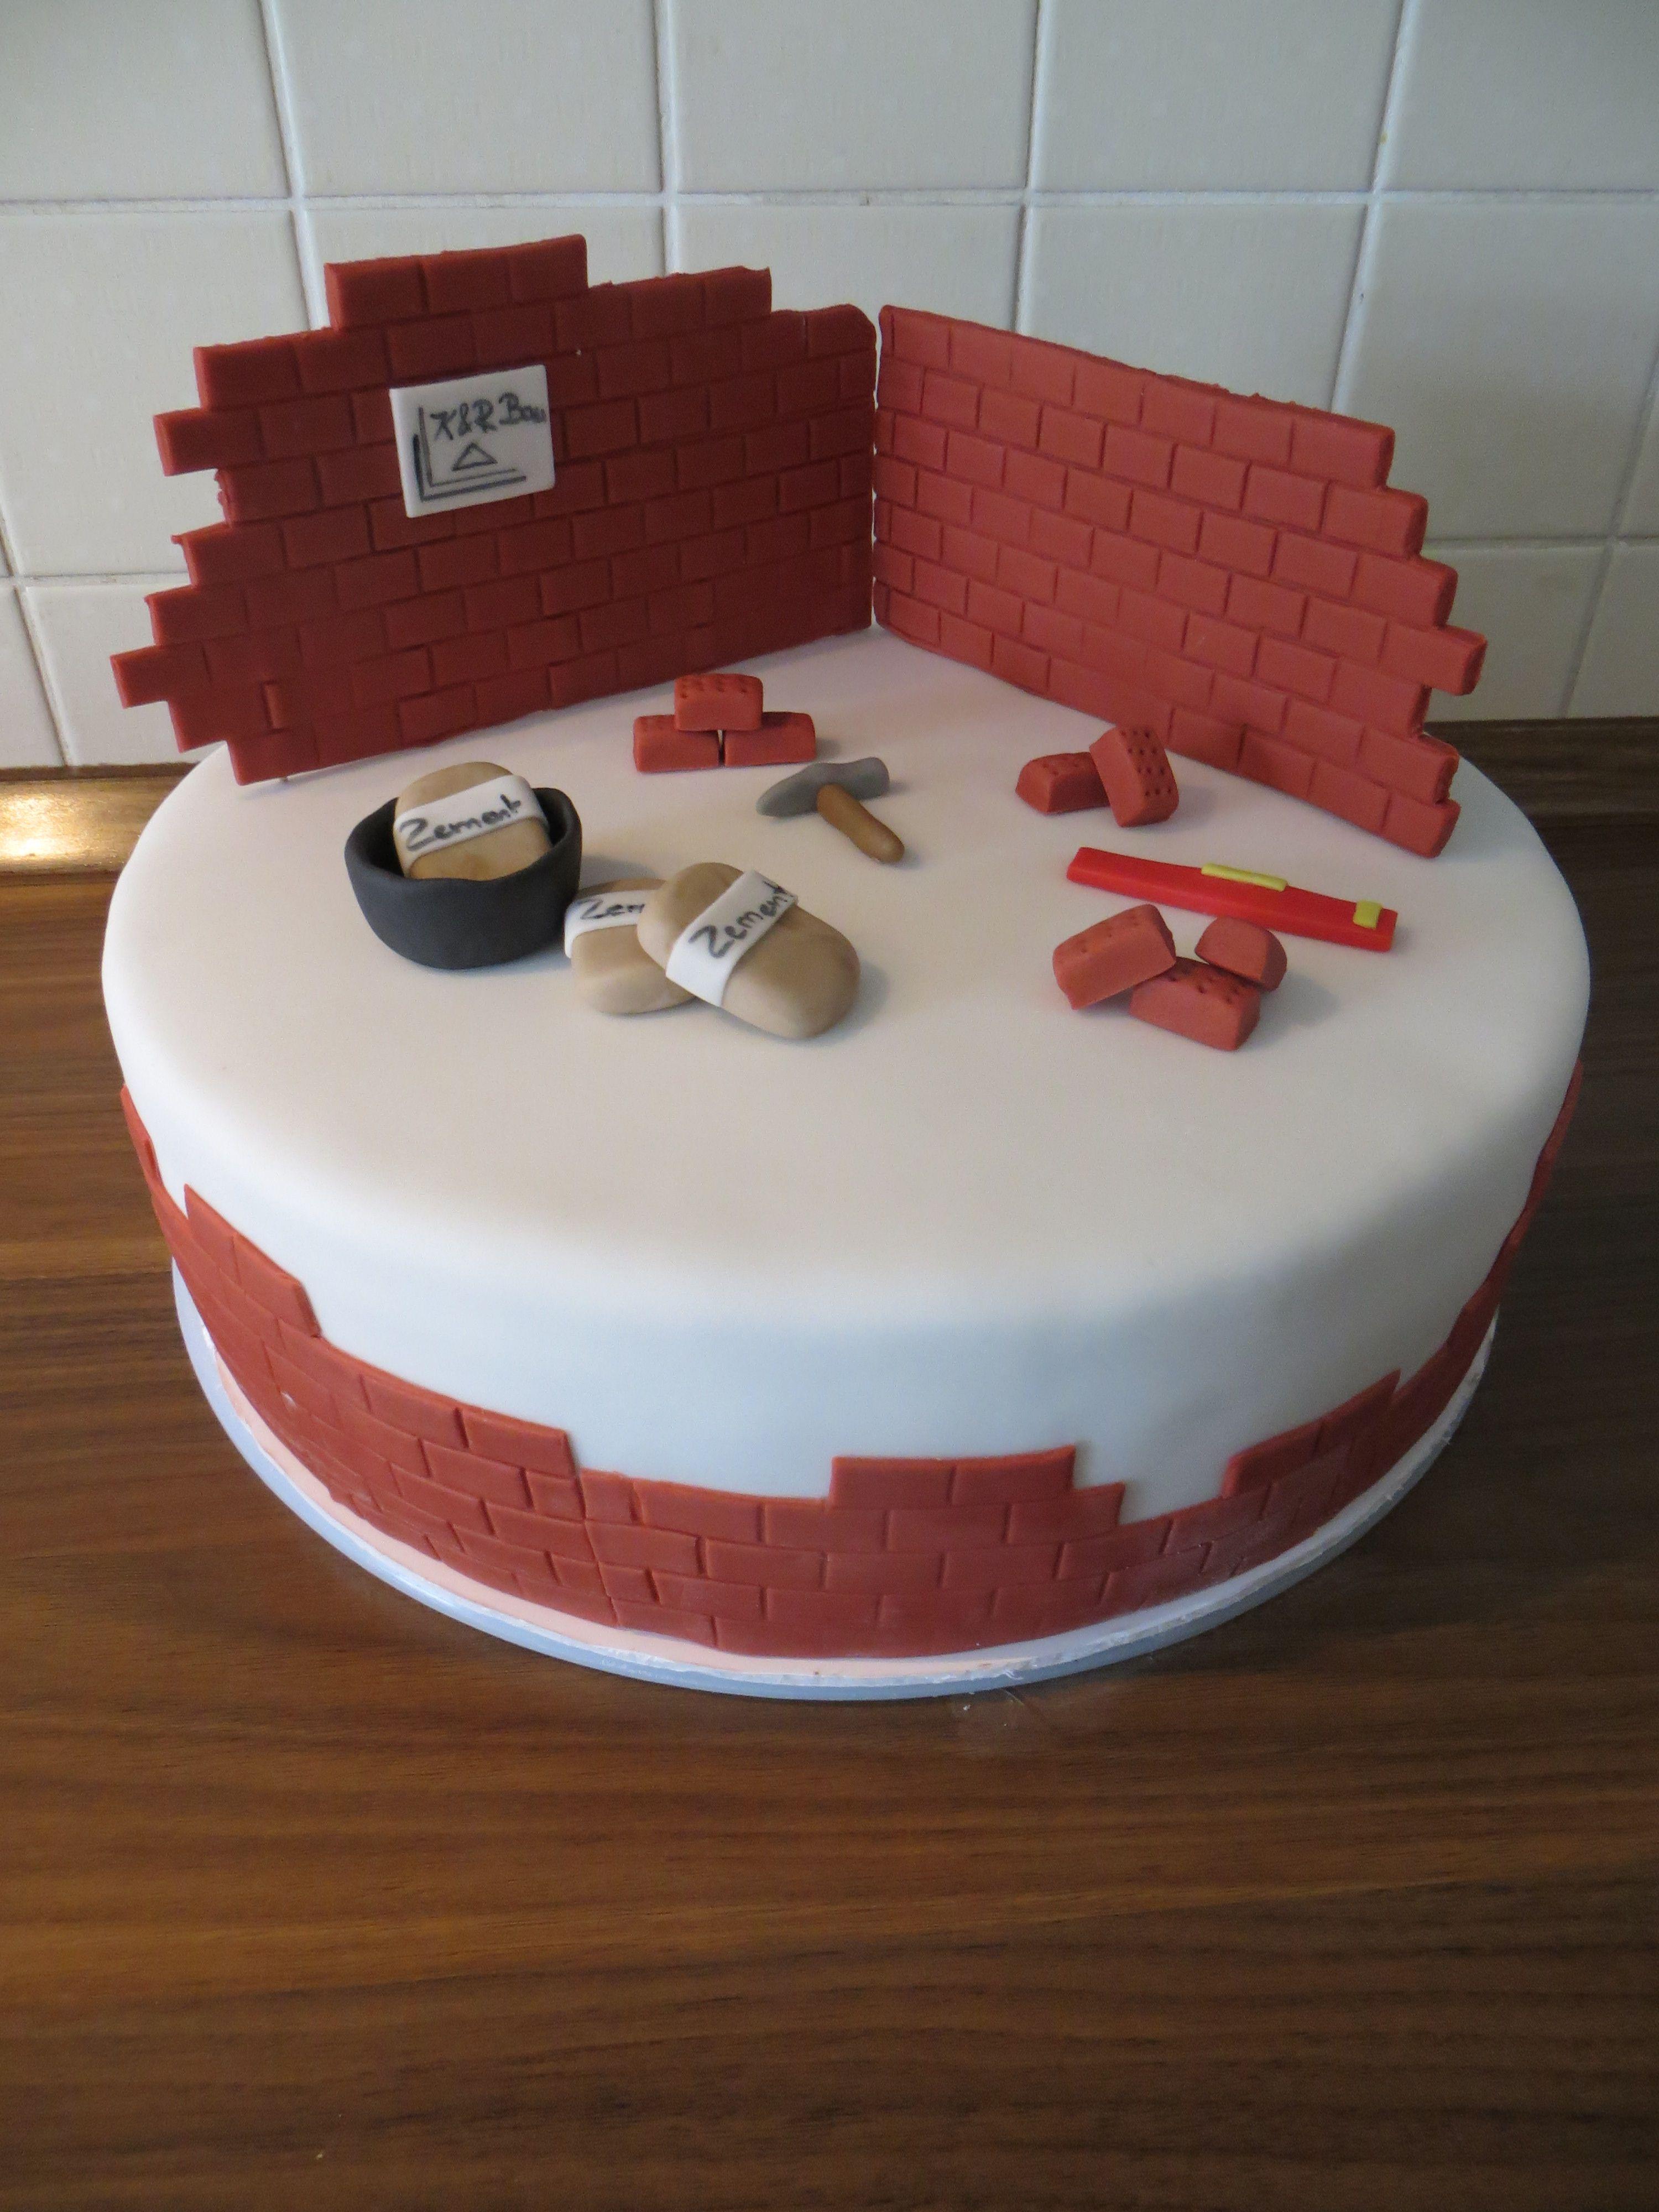 Maurer Torte Grosse Kuchen Lustige Kuchen Fondant Torte Geburtstag